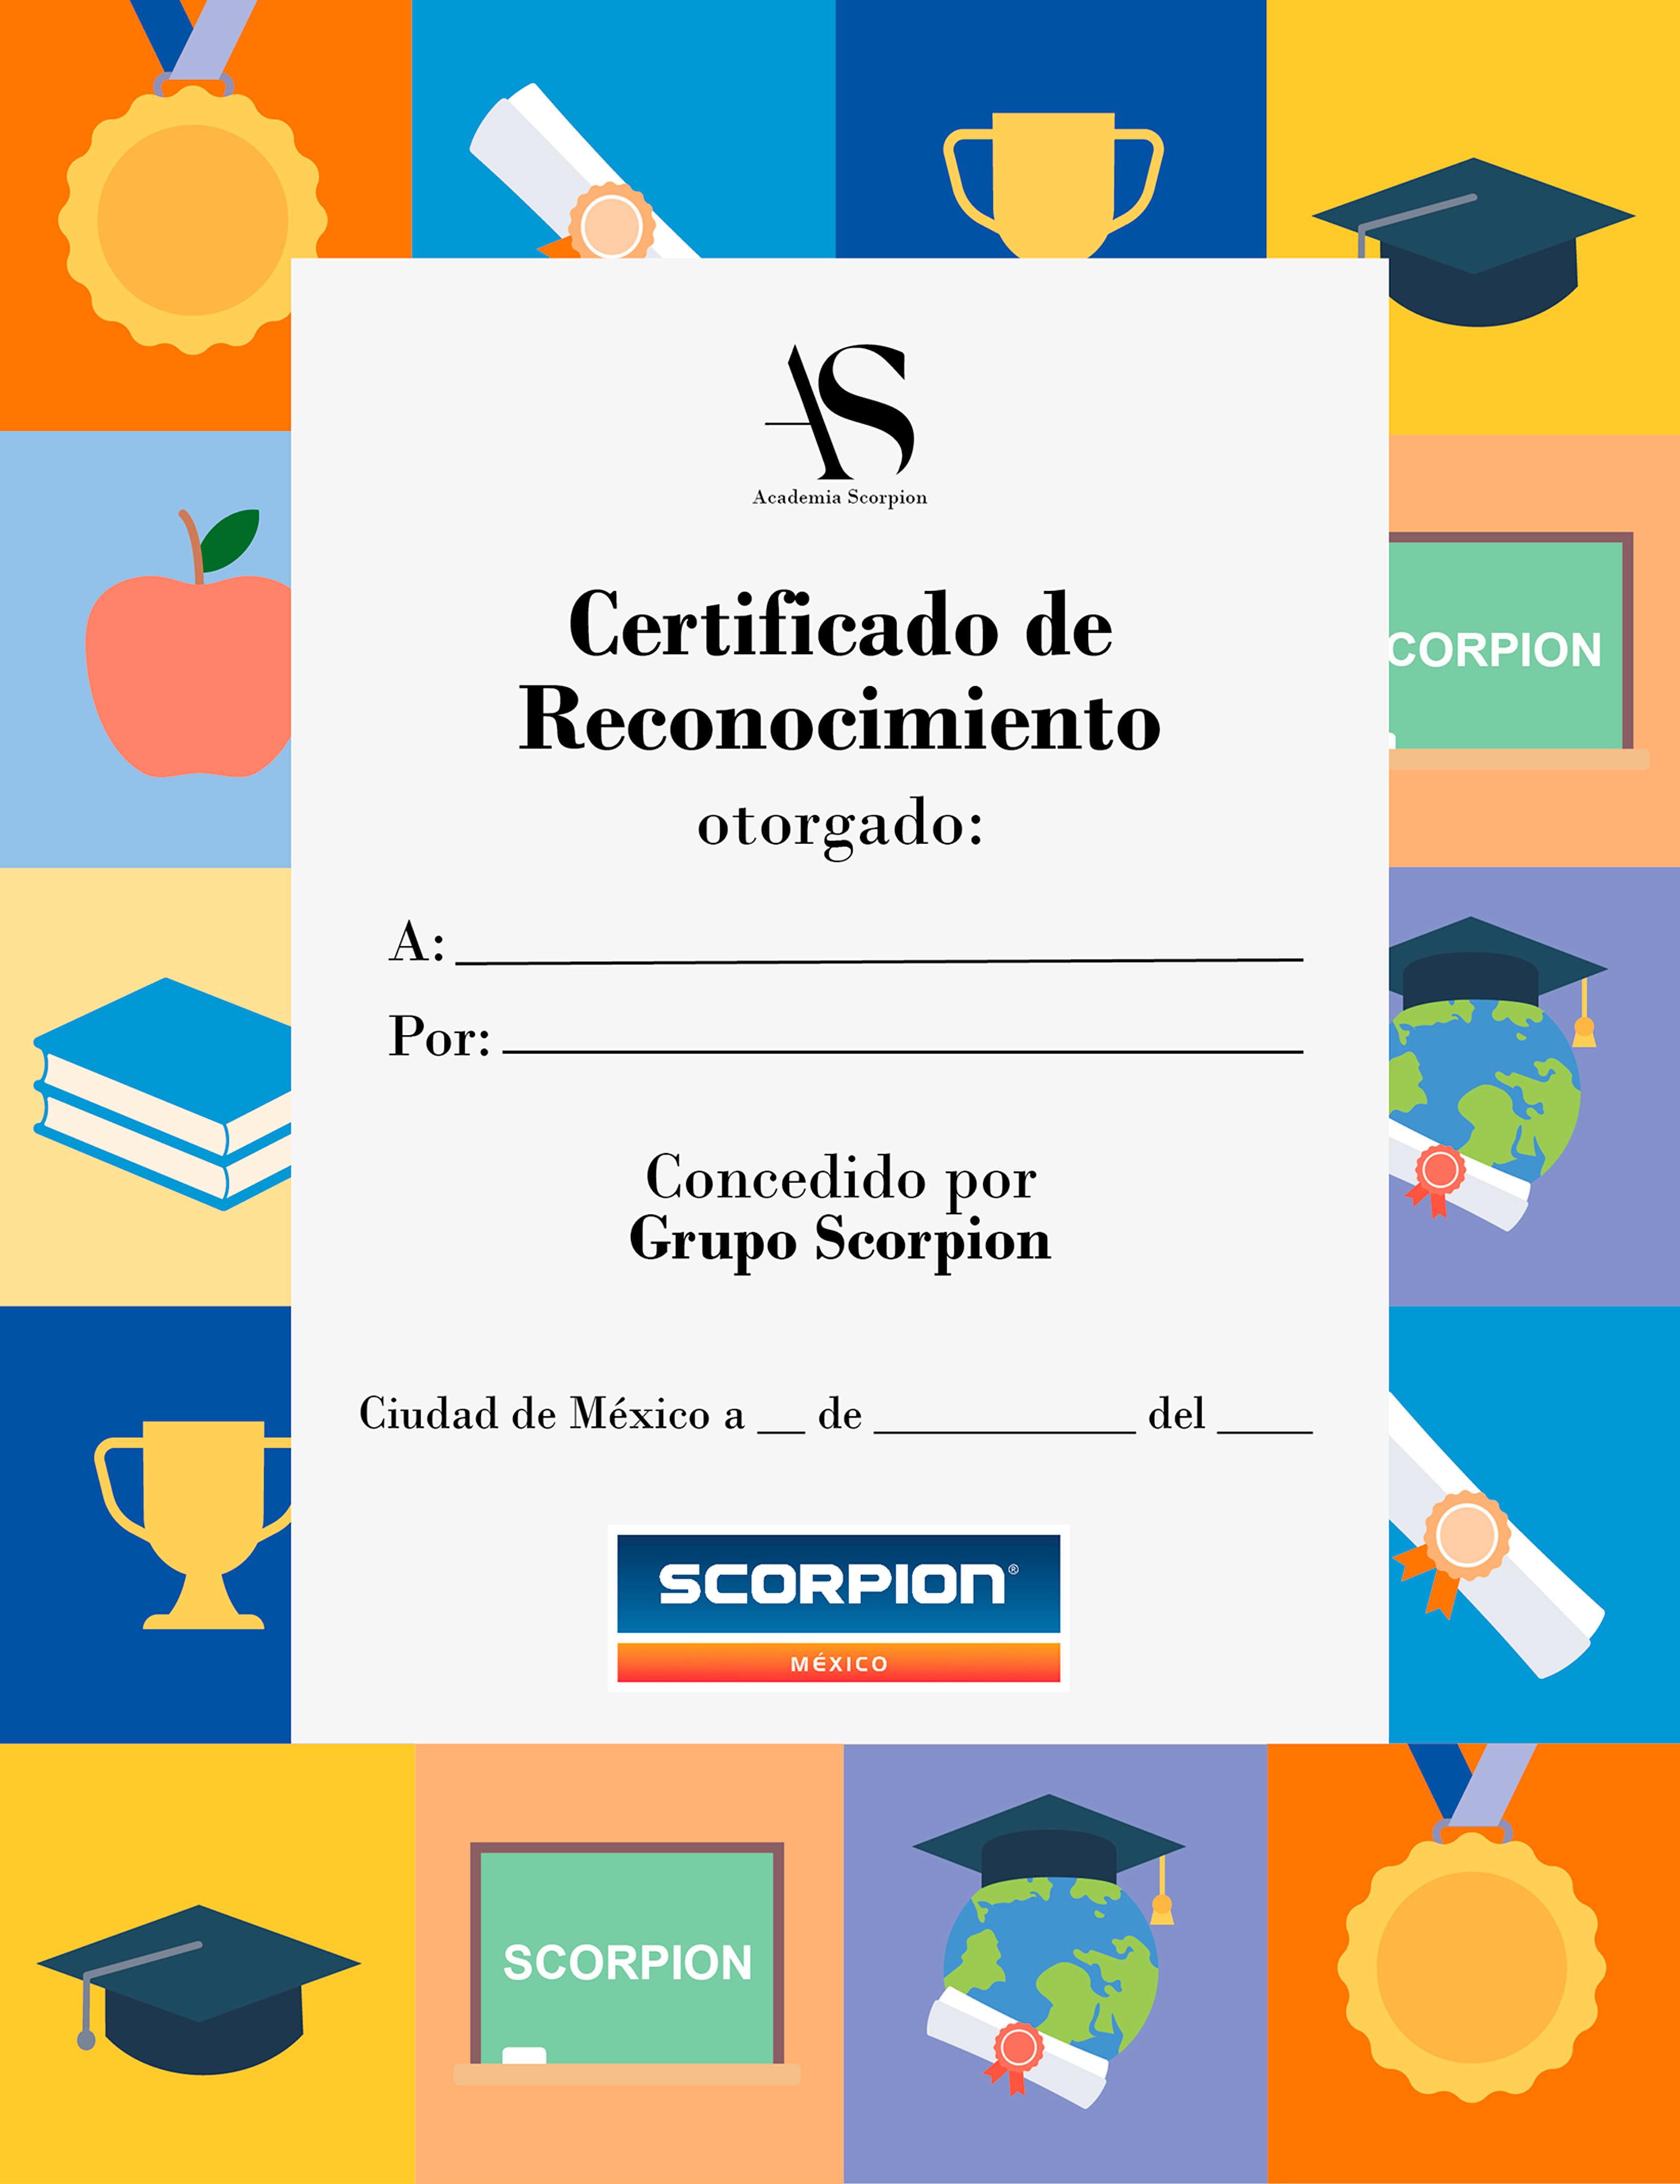 certificado academia scorpion